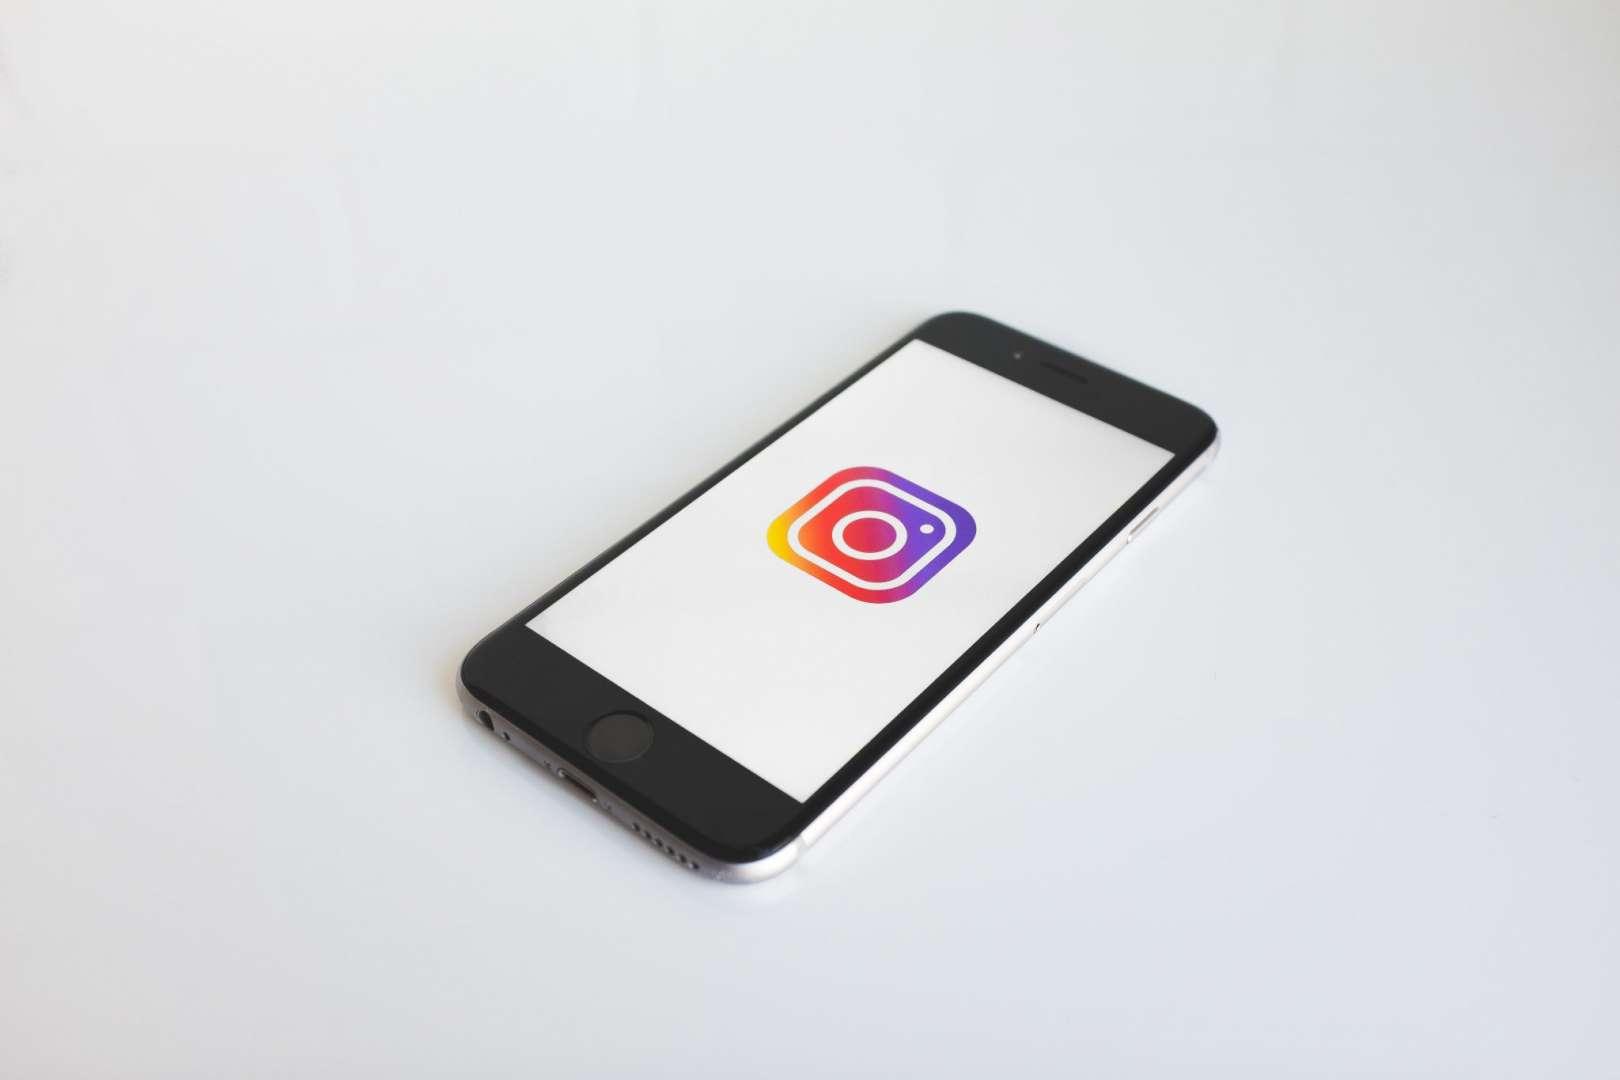 Phone Running Instagram Social Media